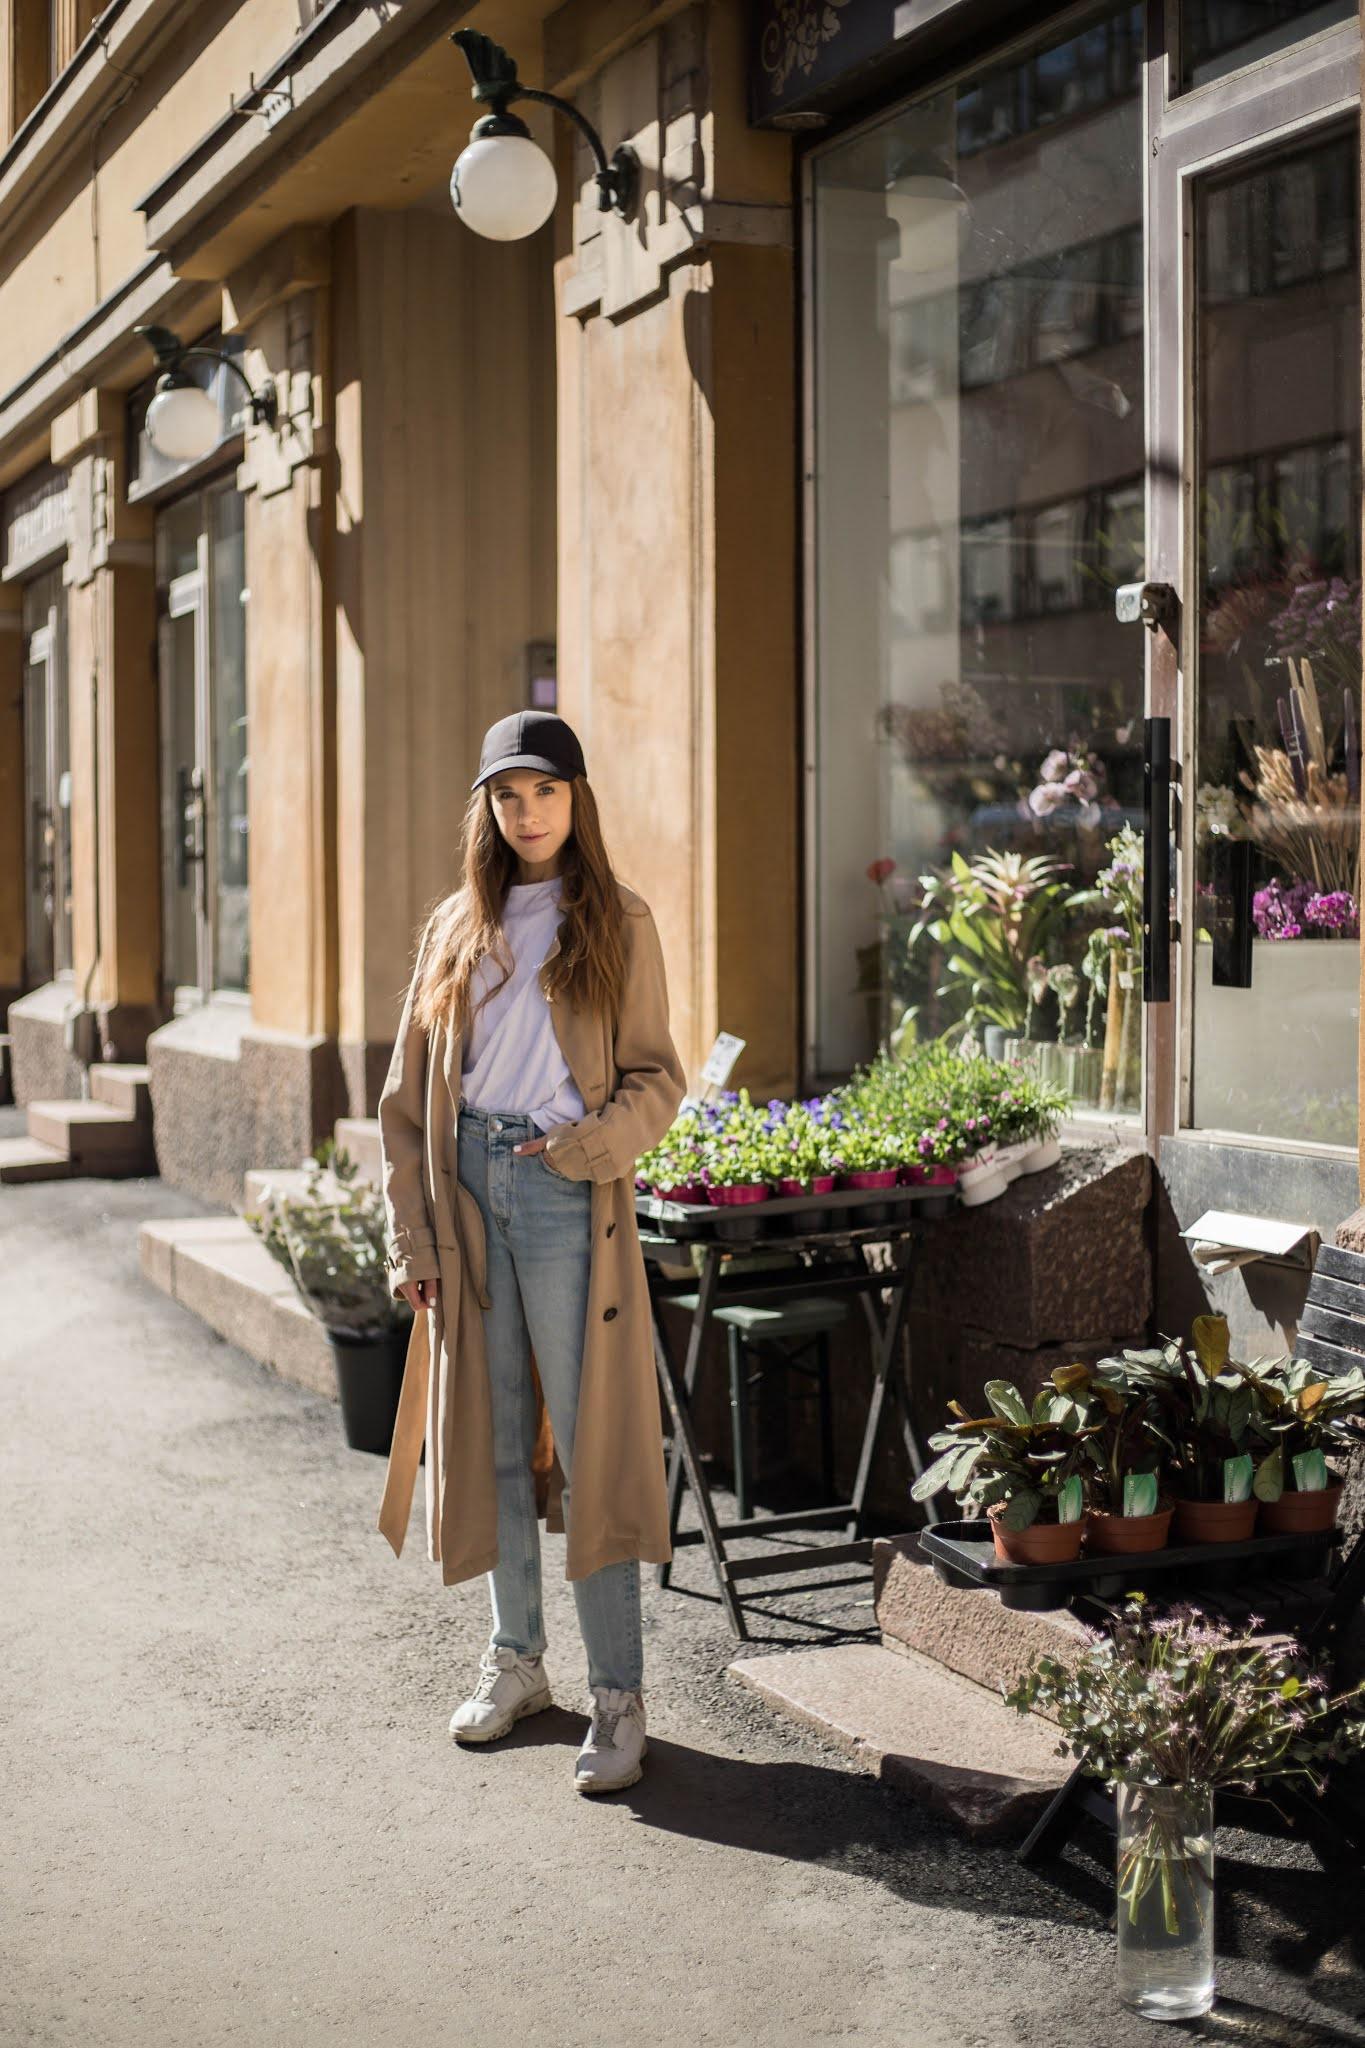 Inspiraatiota kevään ja kesän muotiin: lippis ja trenssitakki // Inspiration for spring and summer style: a cap and a trench coat